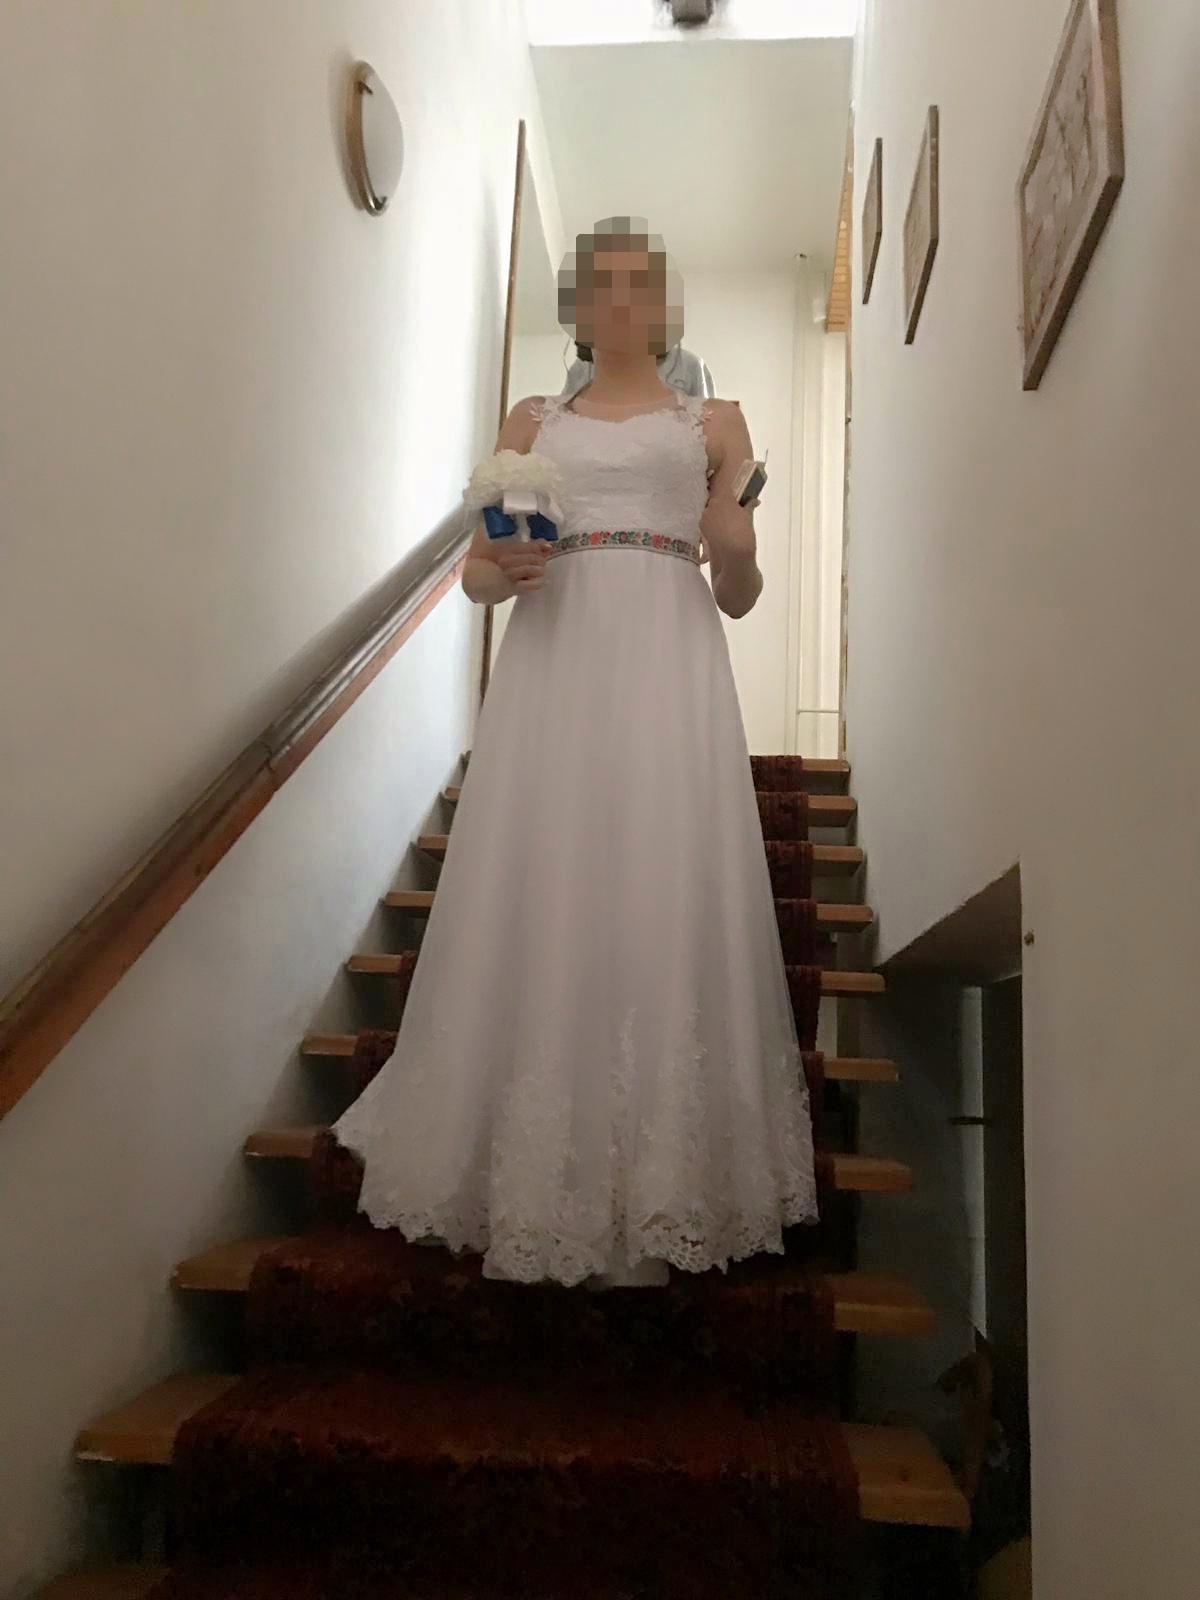 bab92ffa0baa Svadobné šaty